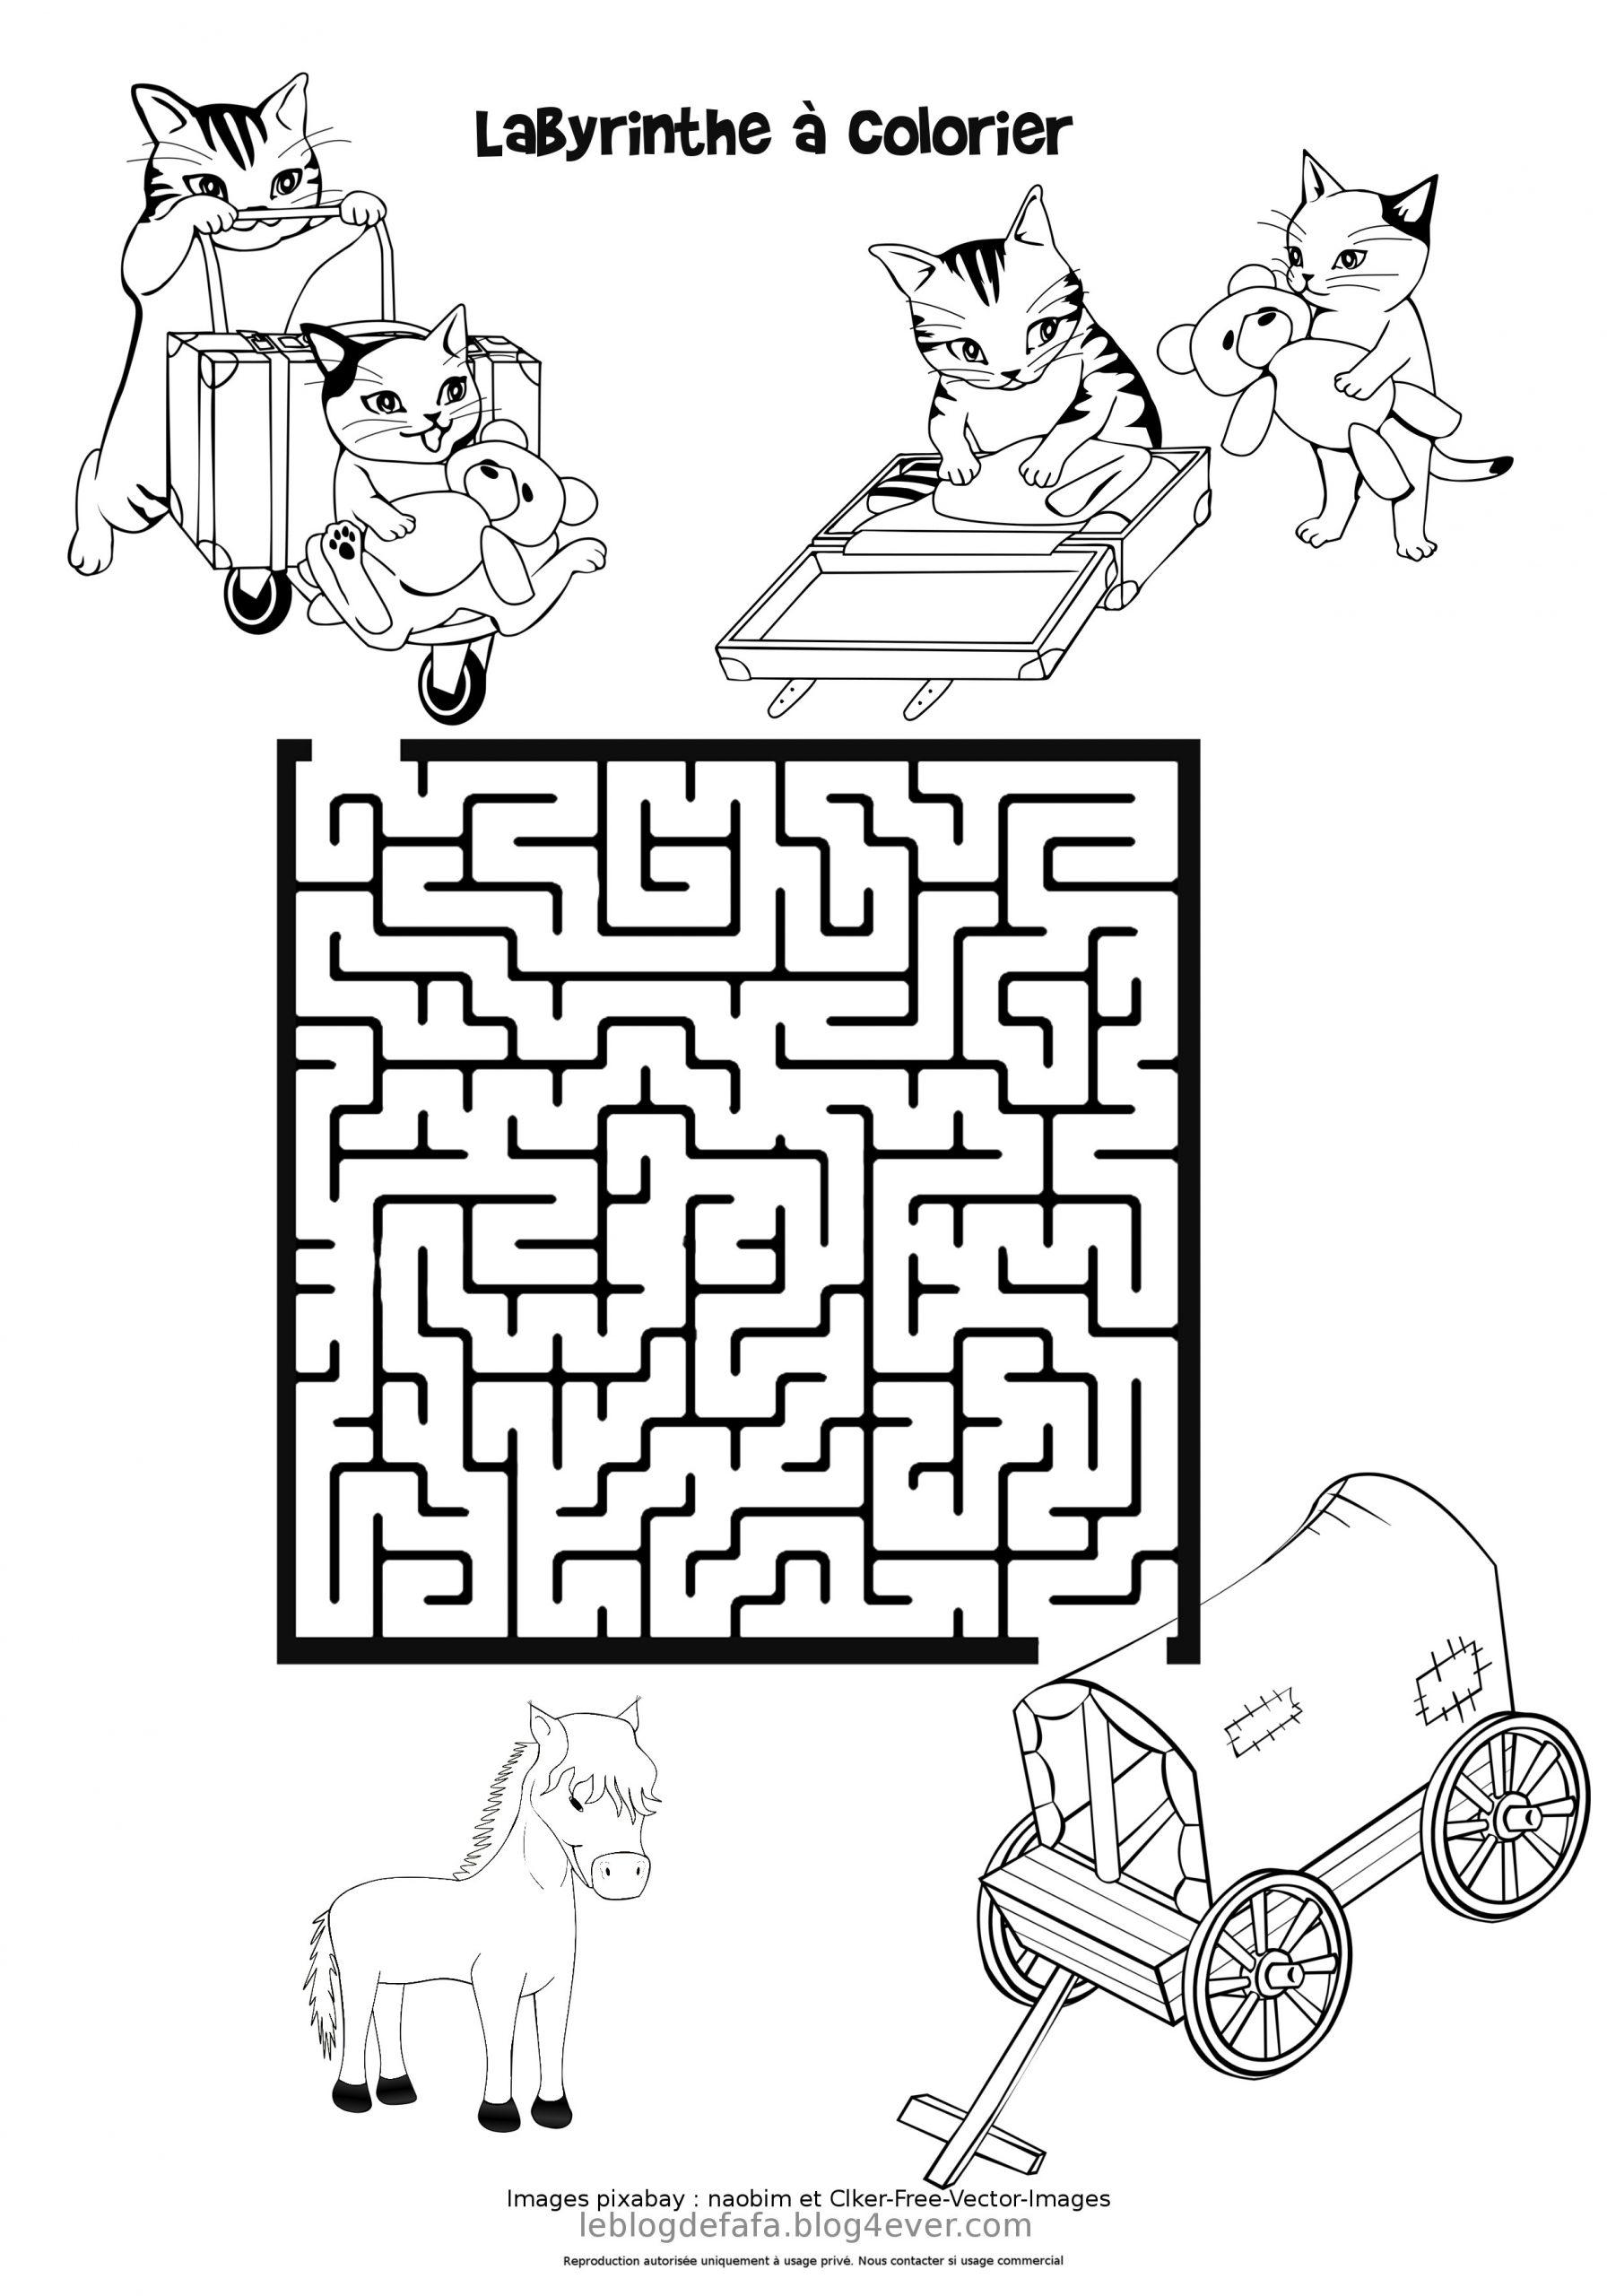 Jeux Chevaux Gratuits À Imprimer : Labyrinthes, Apprendre À dedans Labyrinthe A Imprimer